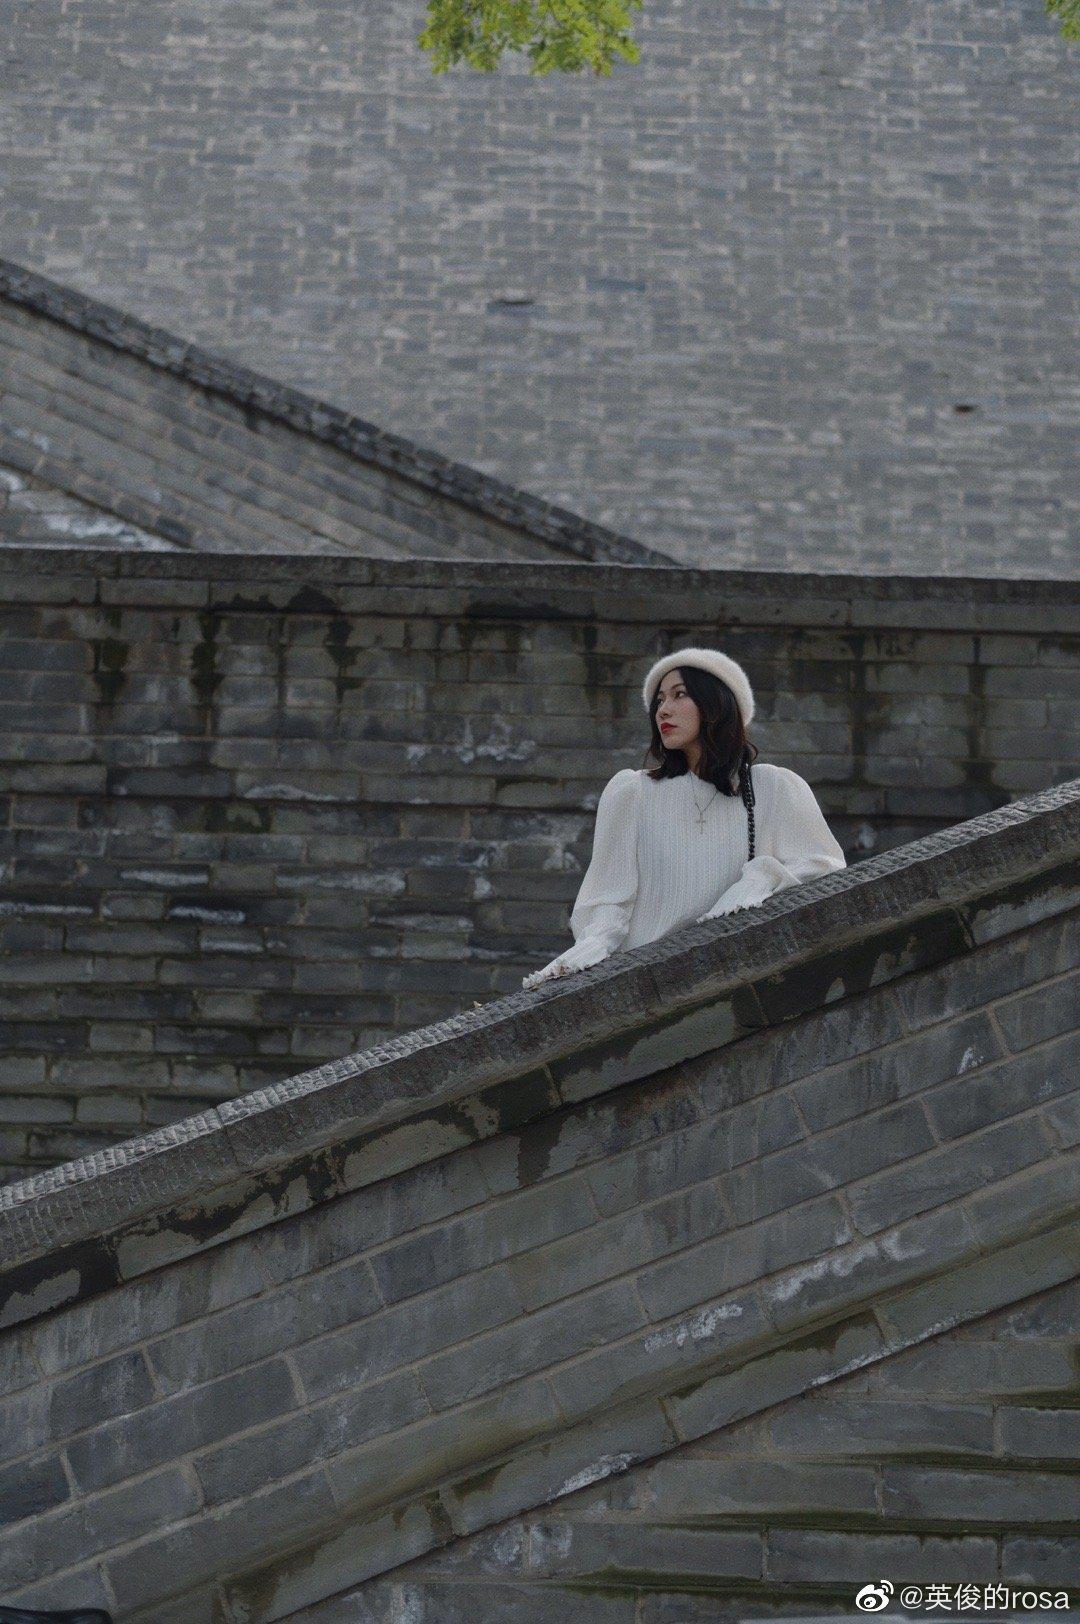 西安古城,是远远望去而不可及